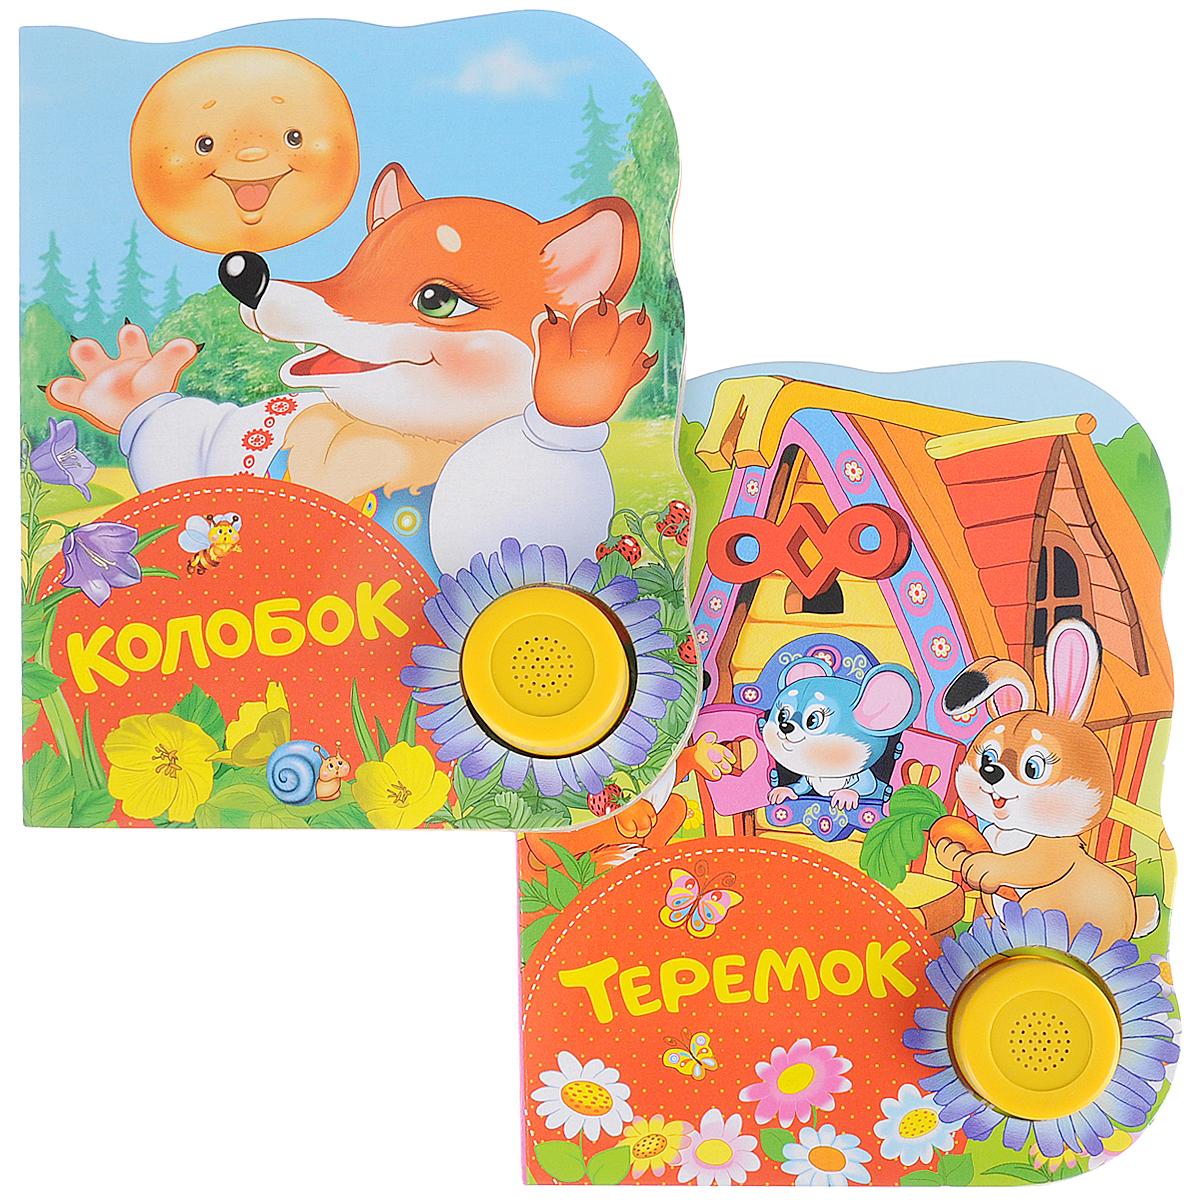 Теремок. Колобок (комплект из 2 книг) детский комплект отк колобок